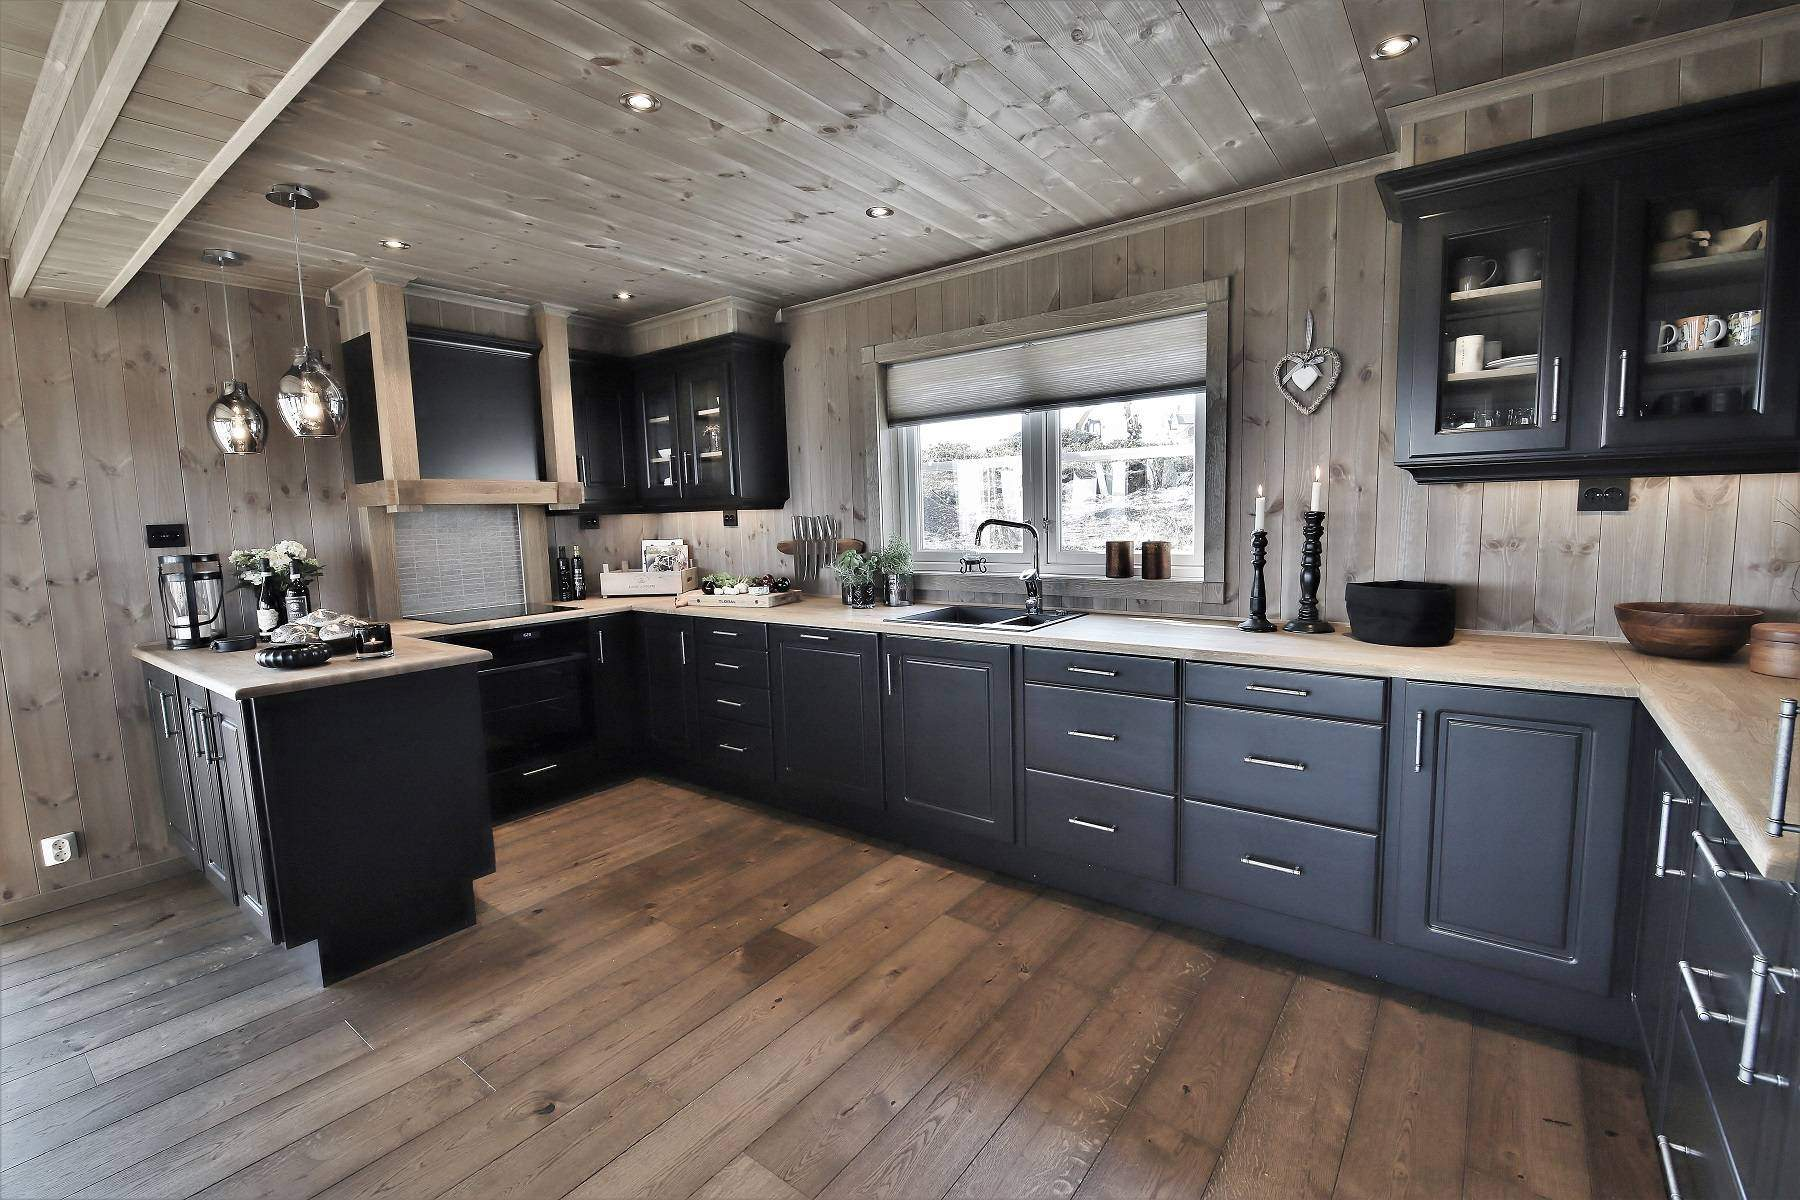 236 Hytteinteriør Hytteinspirasjon Storjuvtinden 114 på Nesbyen. Kjøkken fra DBM i varm sortfarge